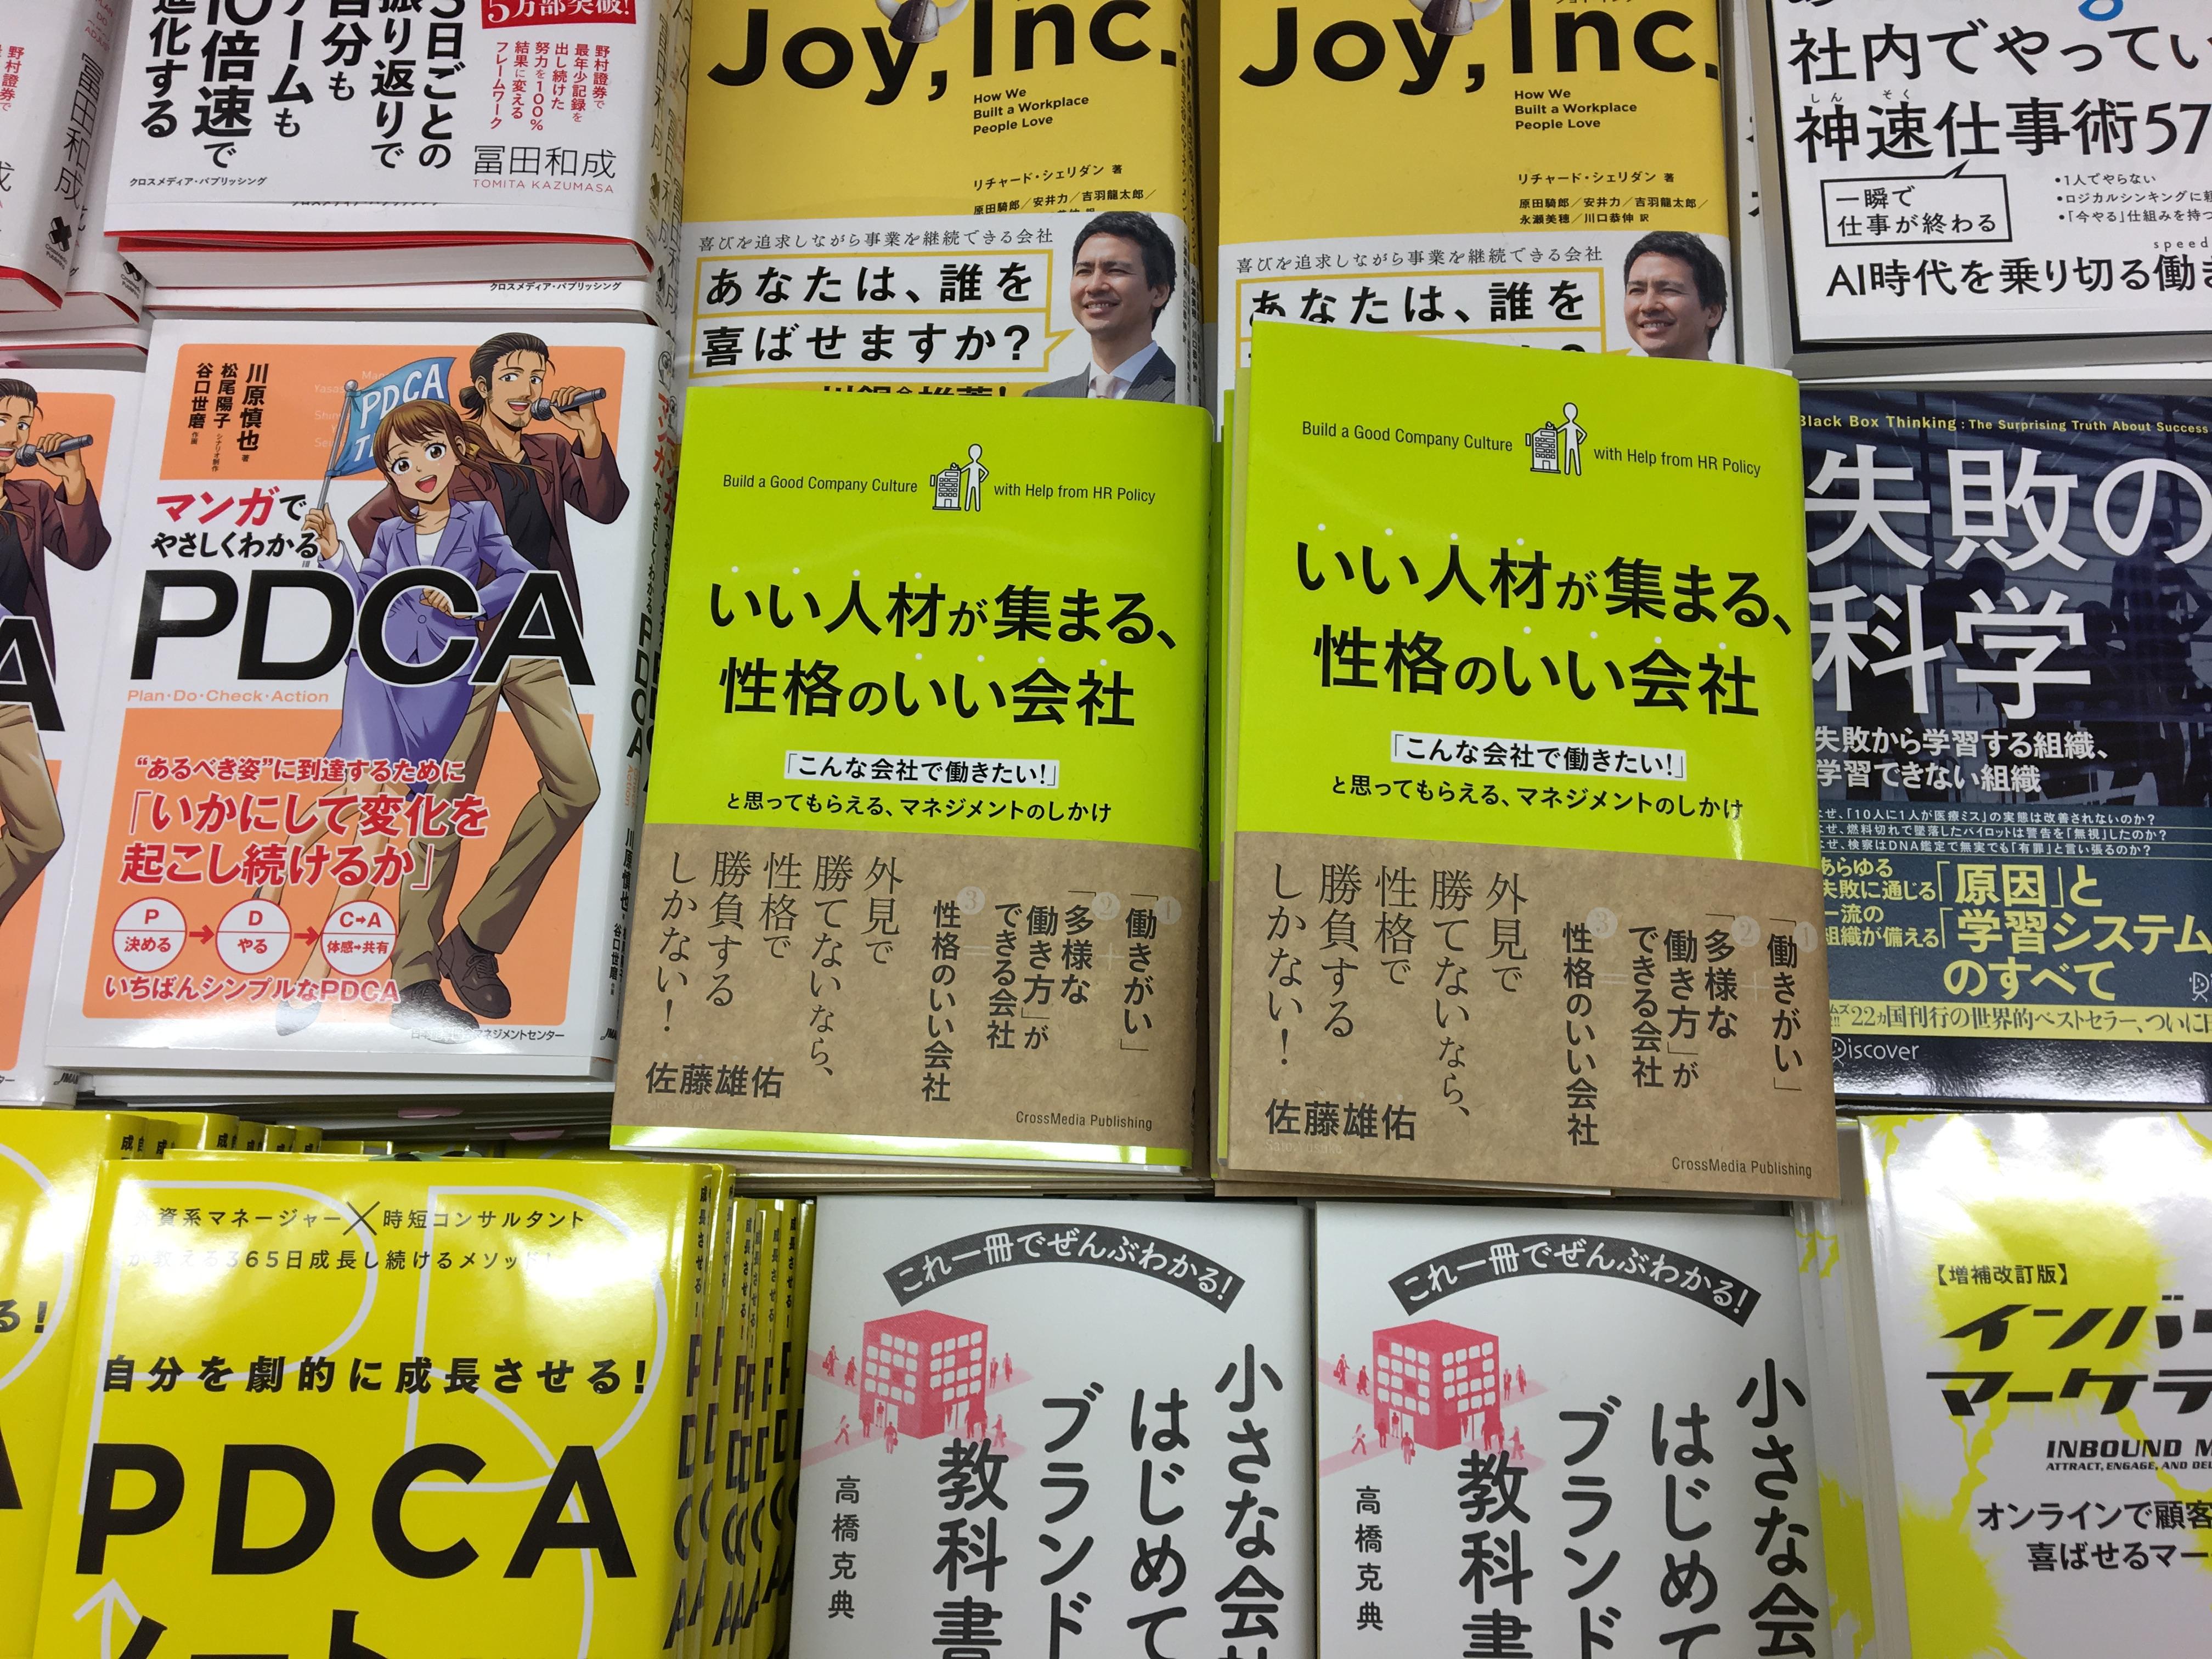 パパ友・佐藤雄佑さん著『いい人材が集まる、性格のいい会社』を就活生に勧めたい